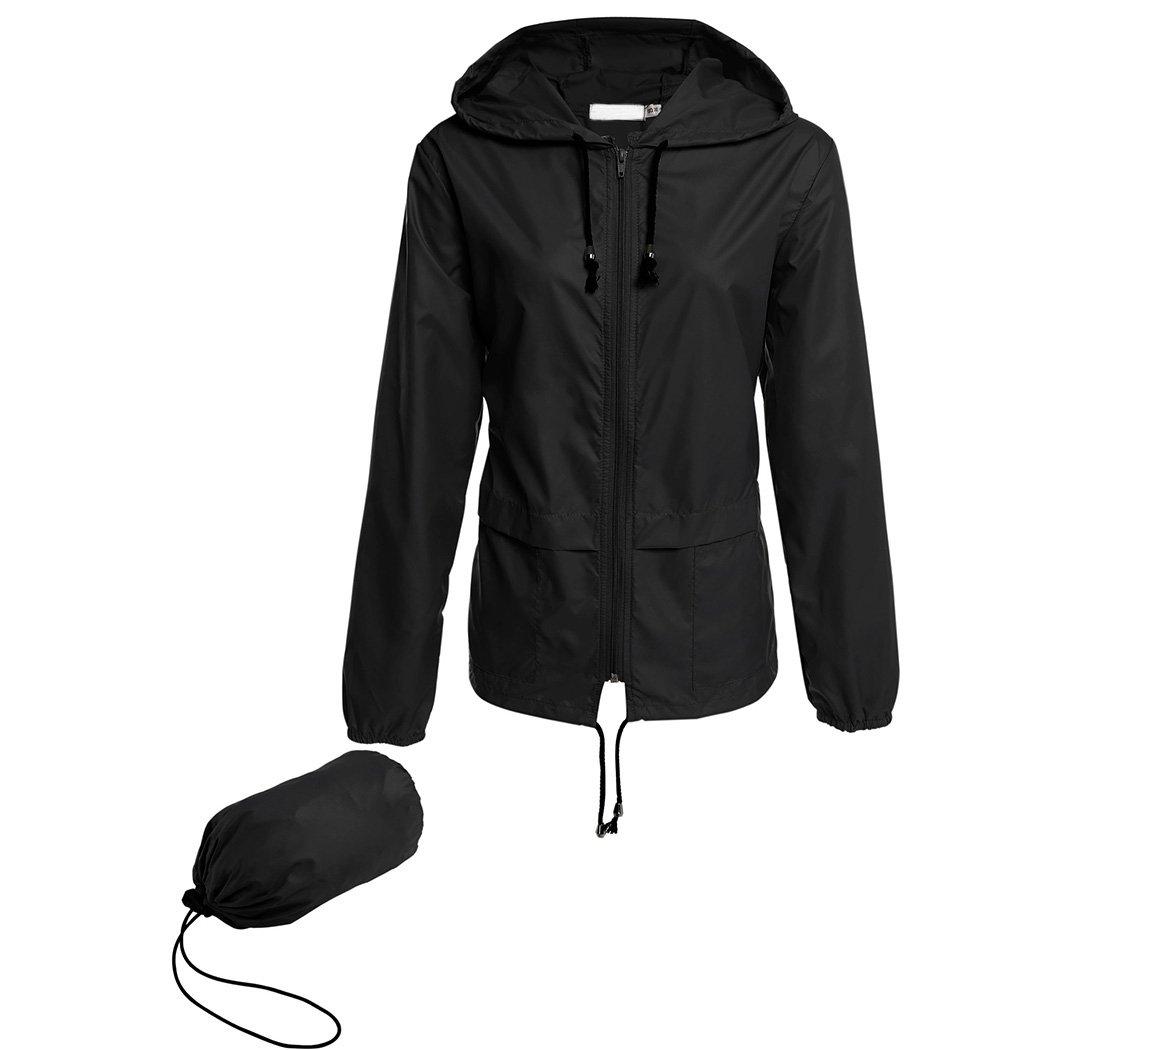 Hount Women's Lightweight Hooded Raincoat Waterproof Packable Active Outdoor Rain Jacket (S, Black)